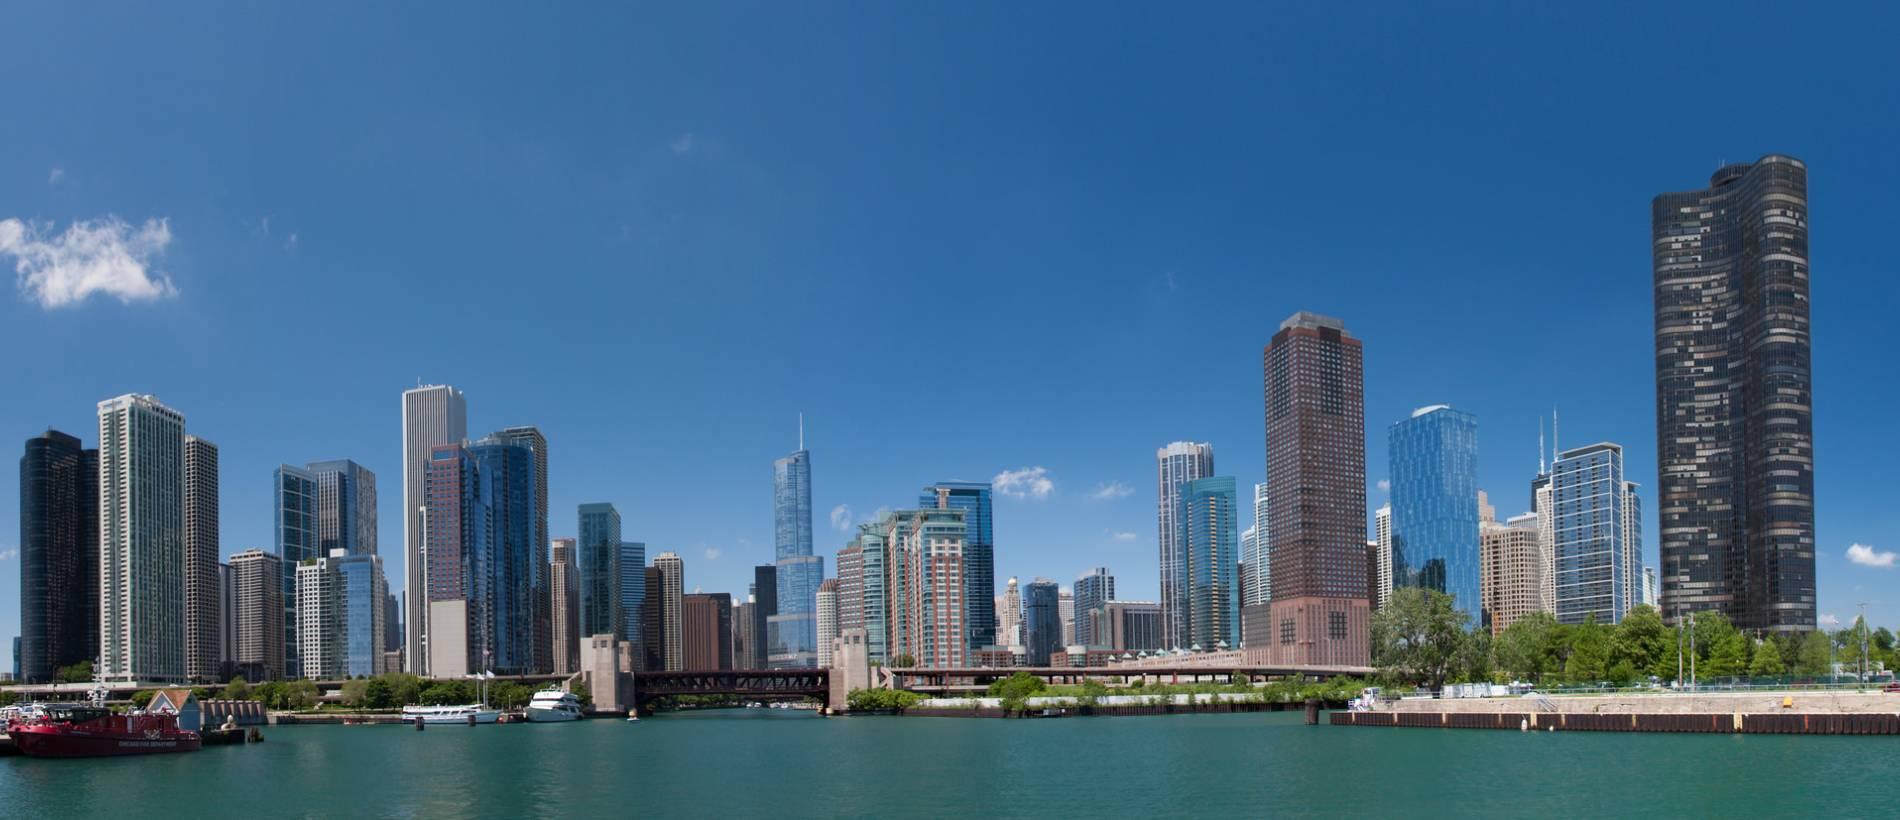 คู่มือ ท่องเที่ยว ชิคาโก้